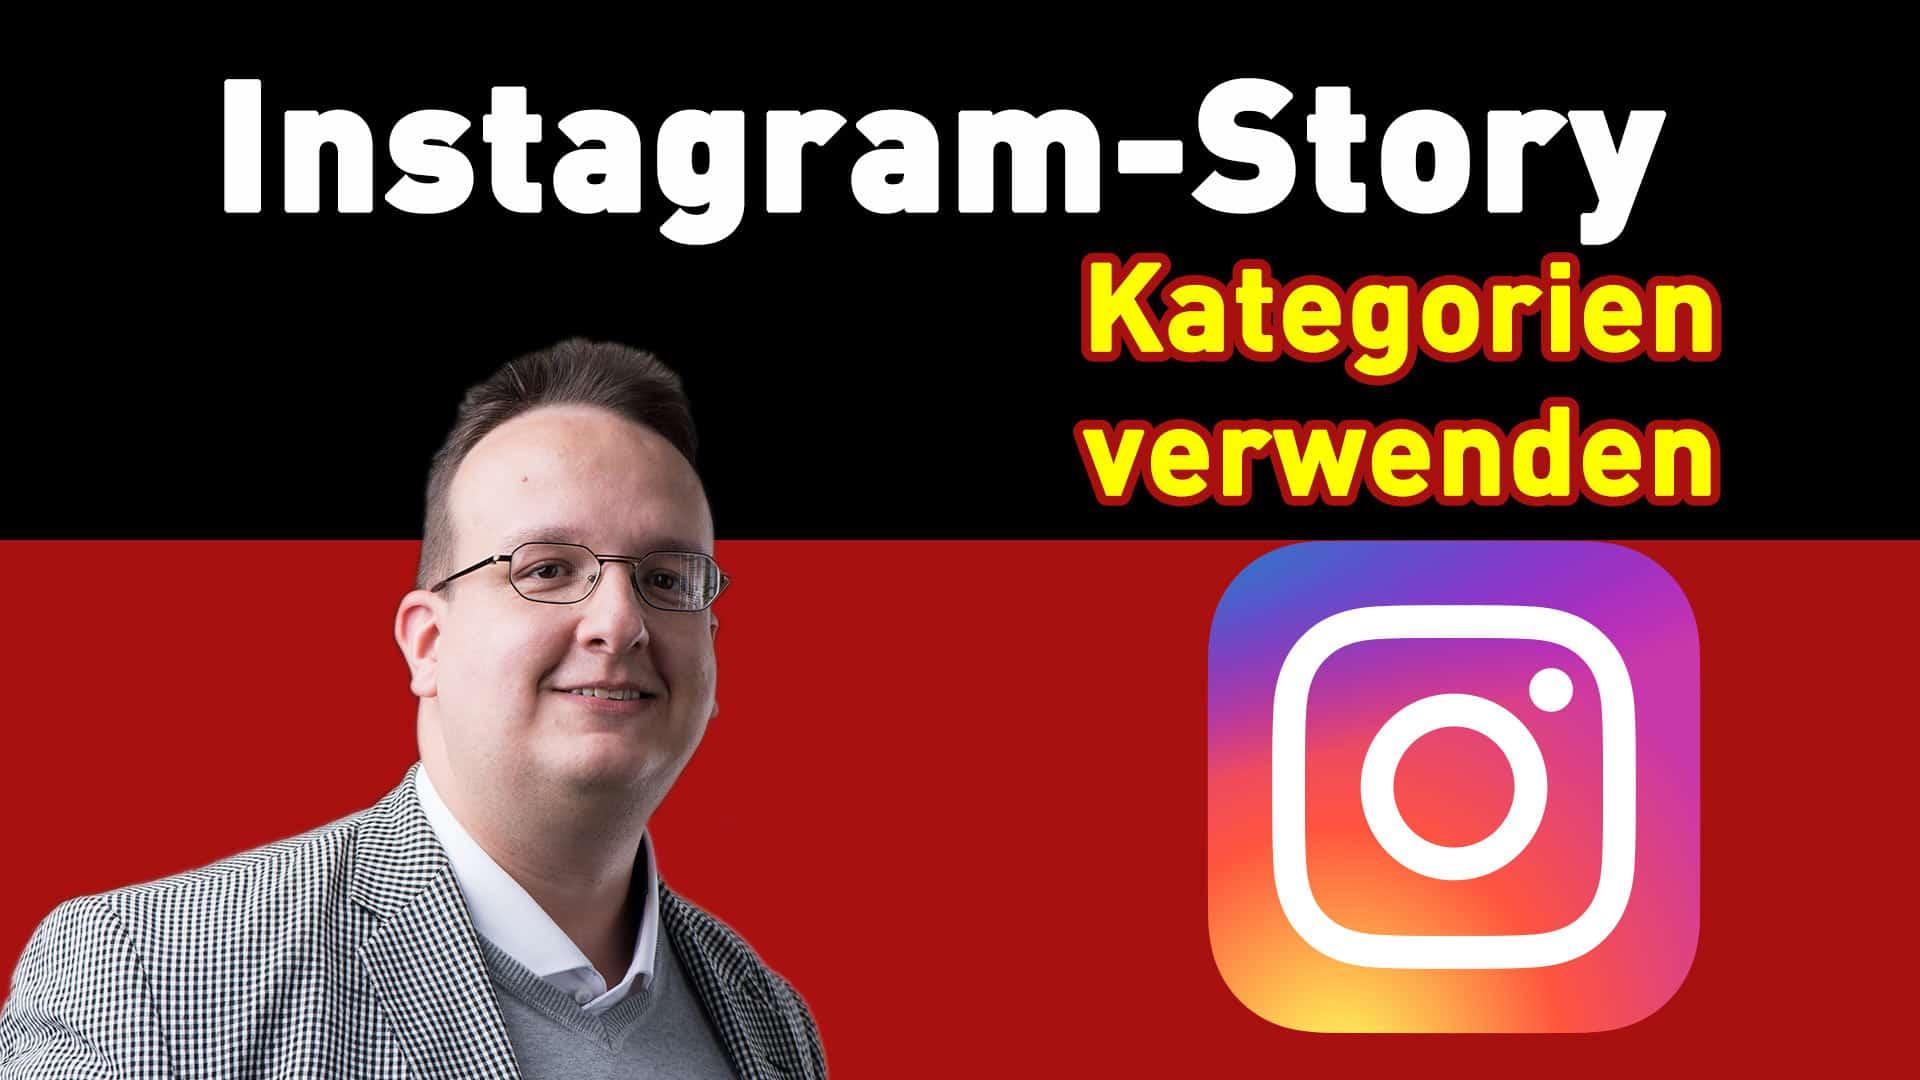 Instagram kategorien verwenden - Home